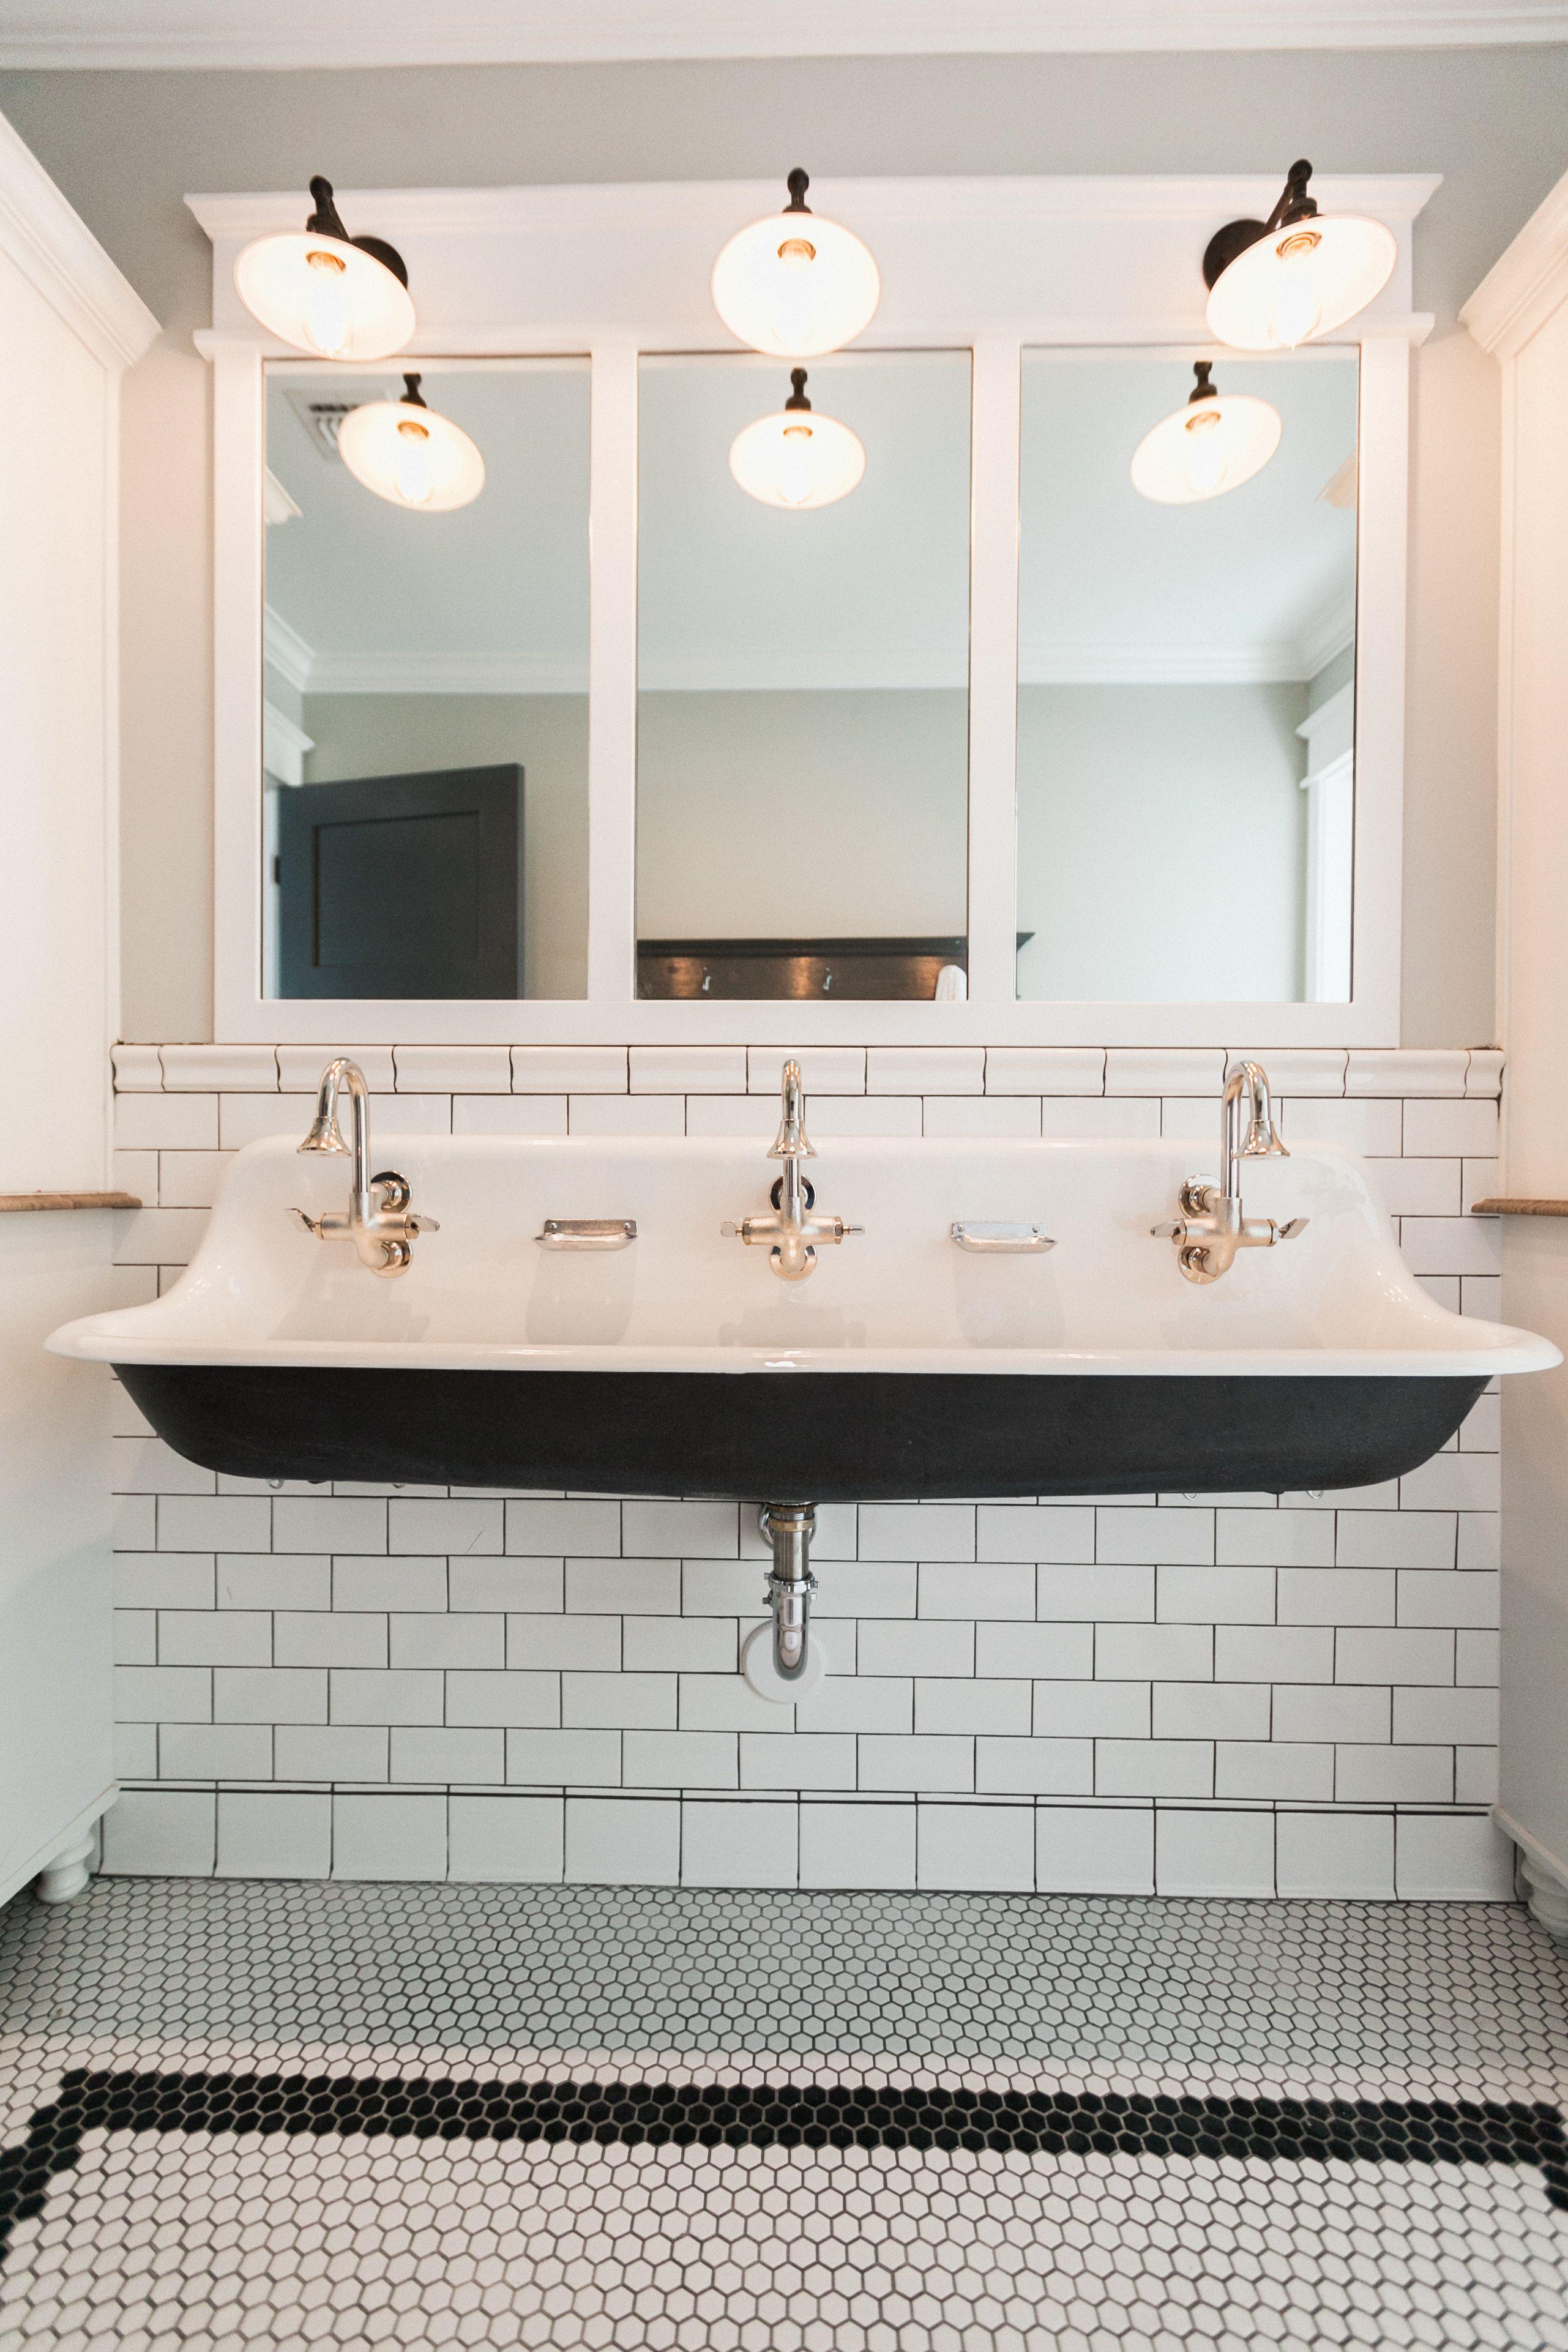 Trough Bathroom Sink With Two Faucets: Koehler Brockway Sink, Tile